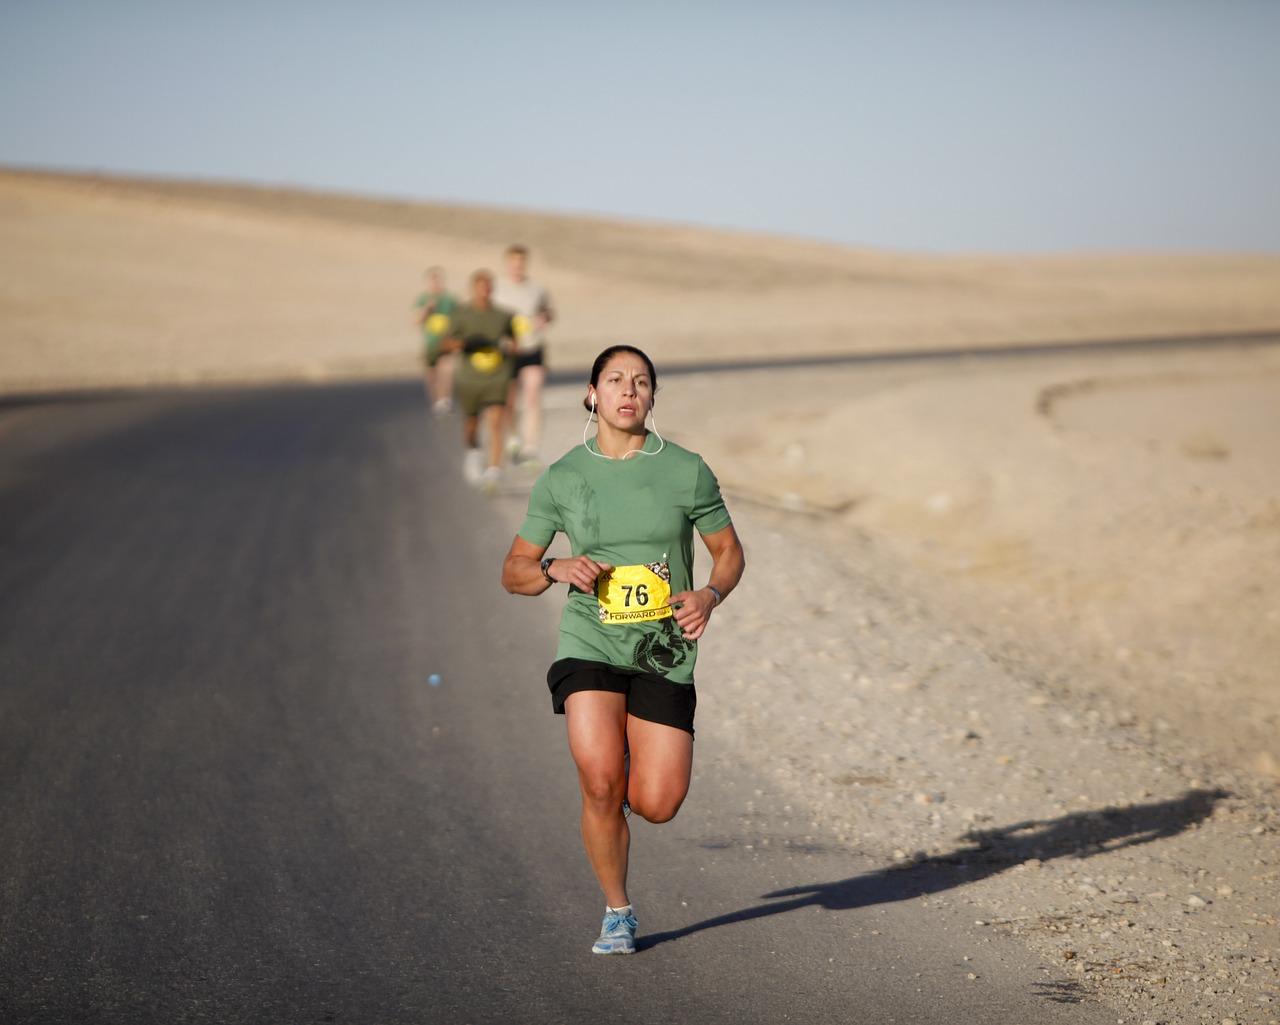 runner-805392_1280.jpg